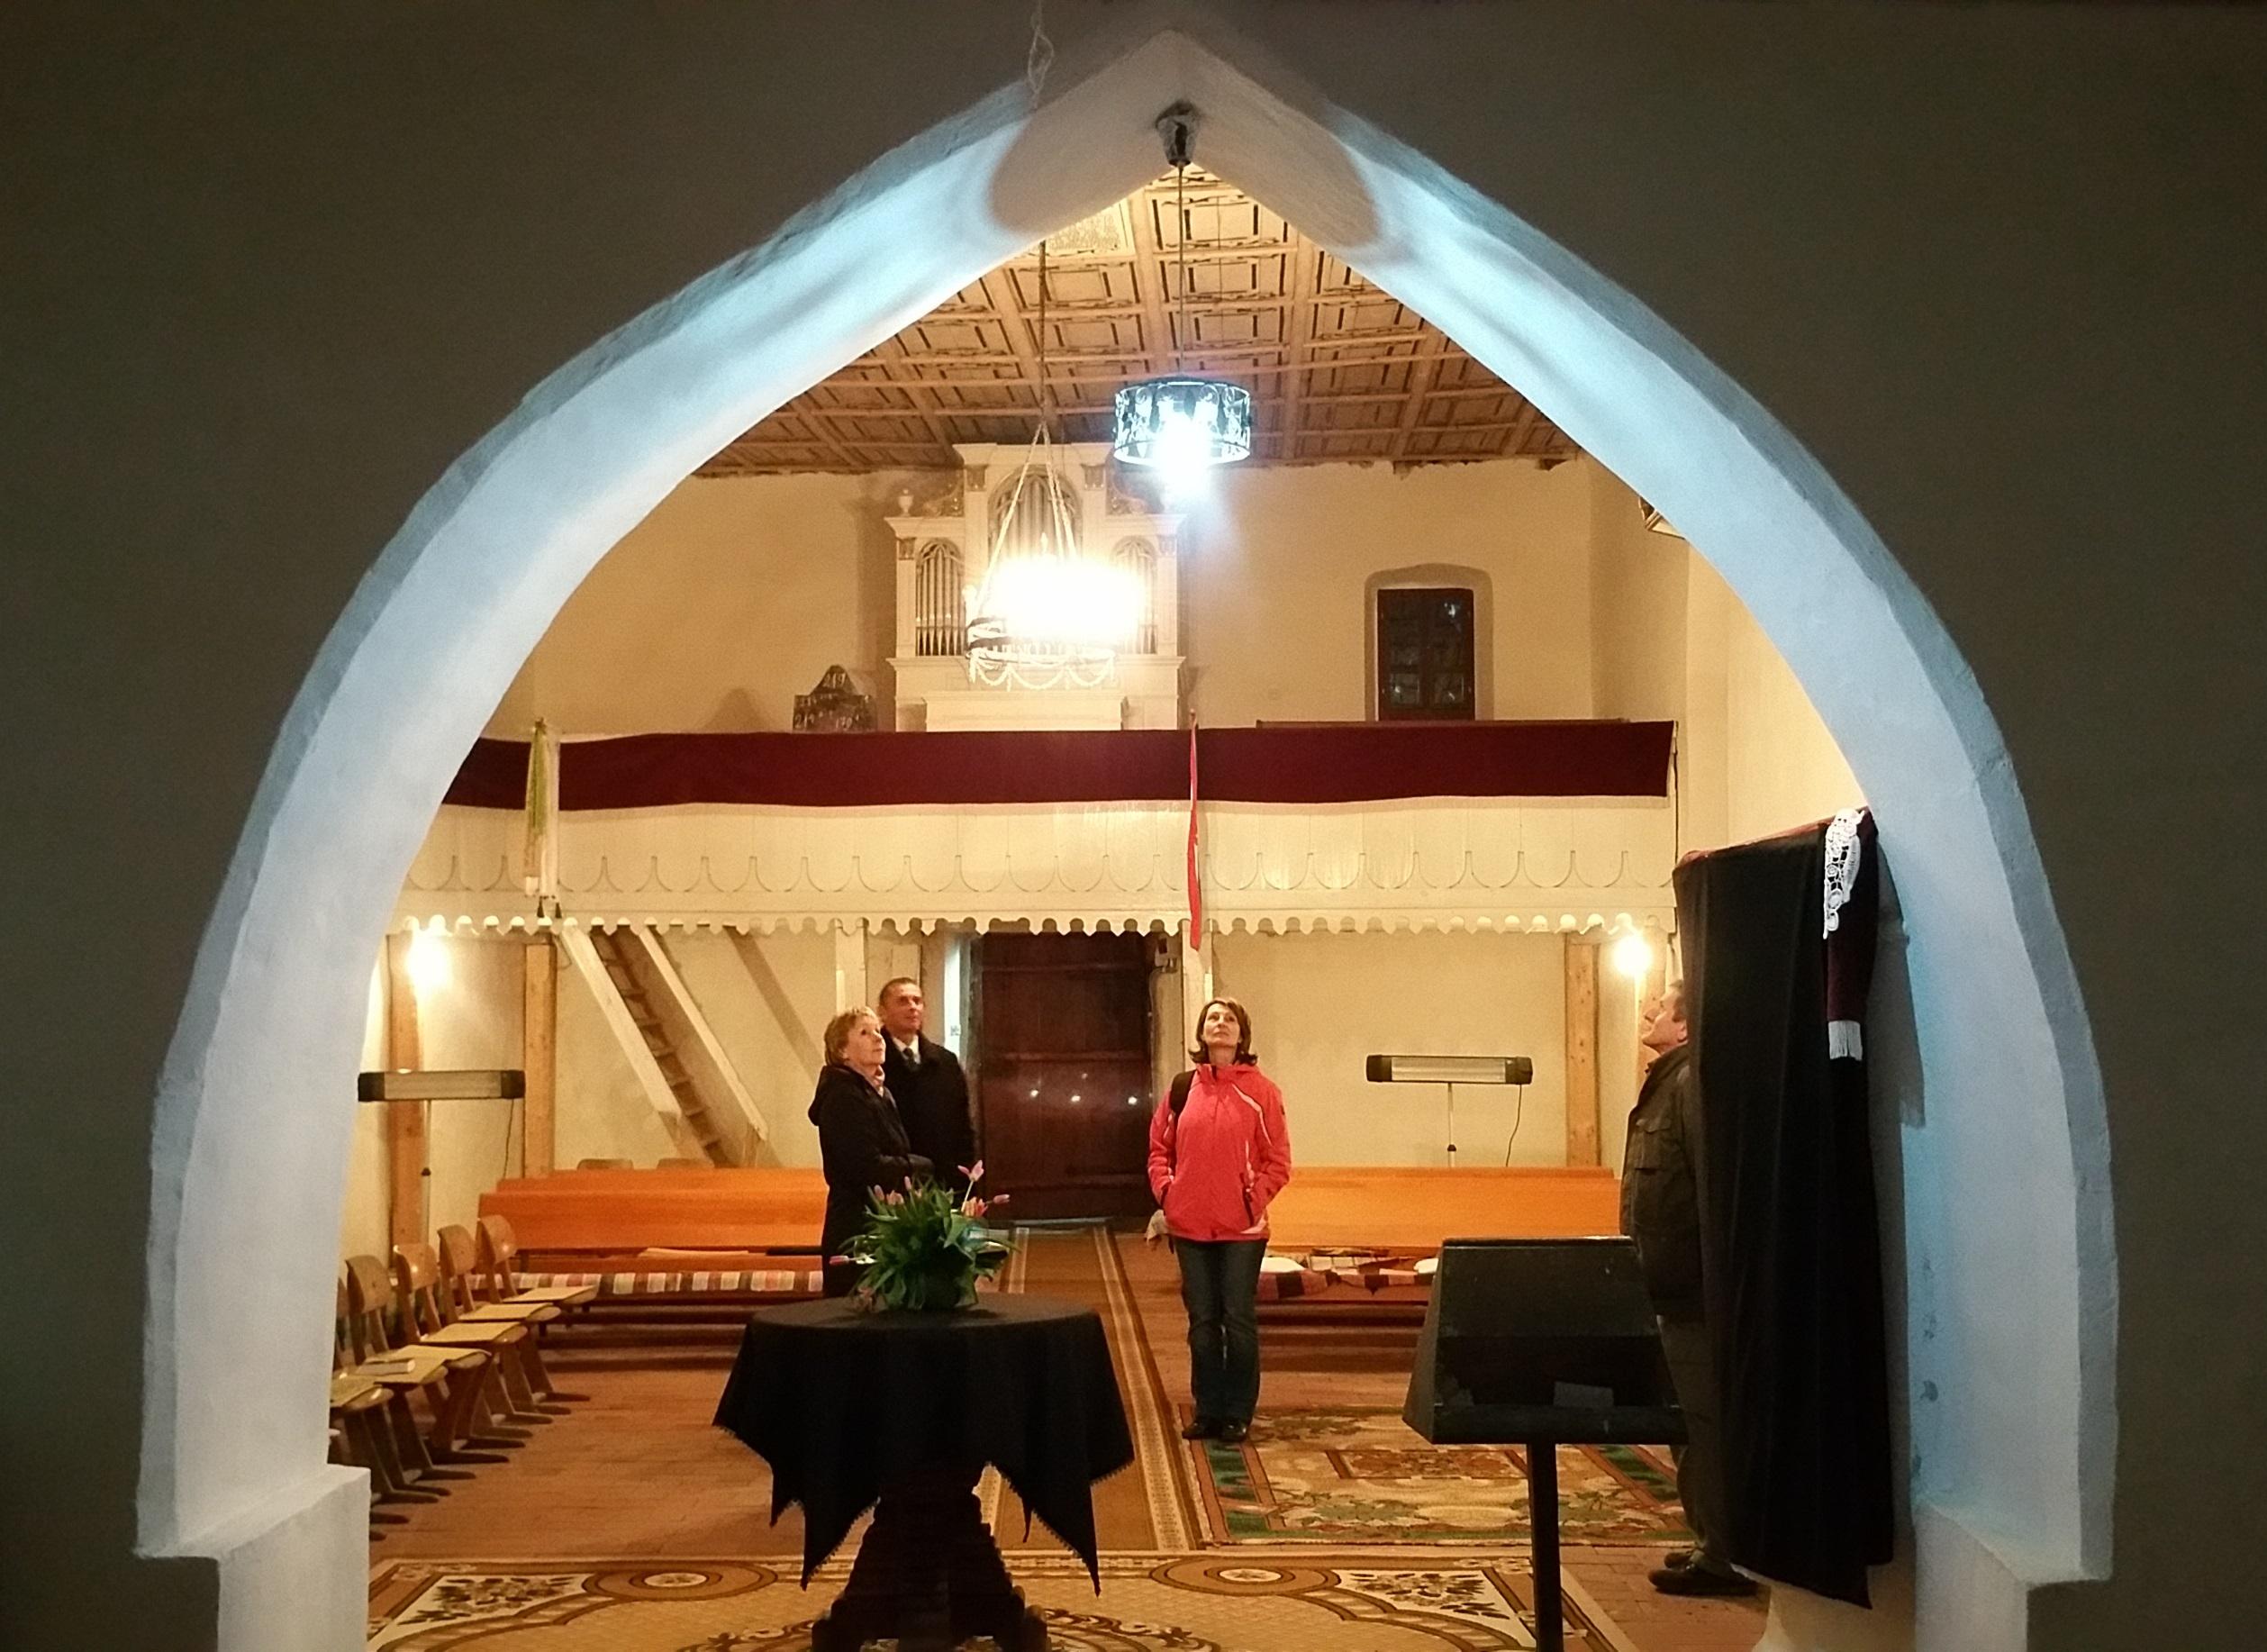 A templom belseje a szentély felől